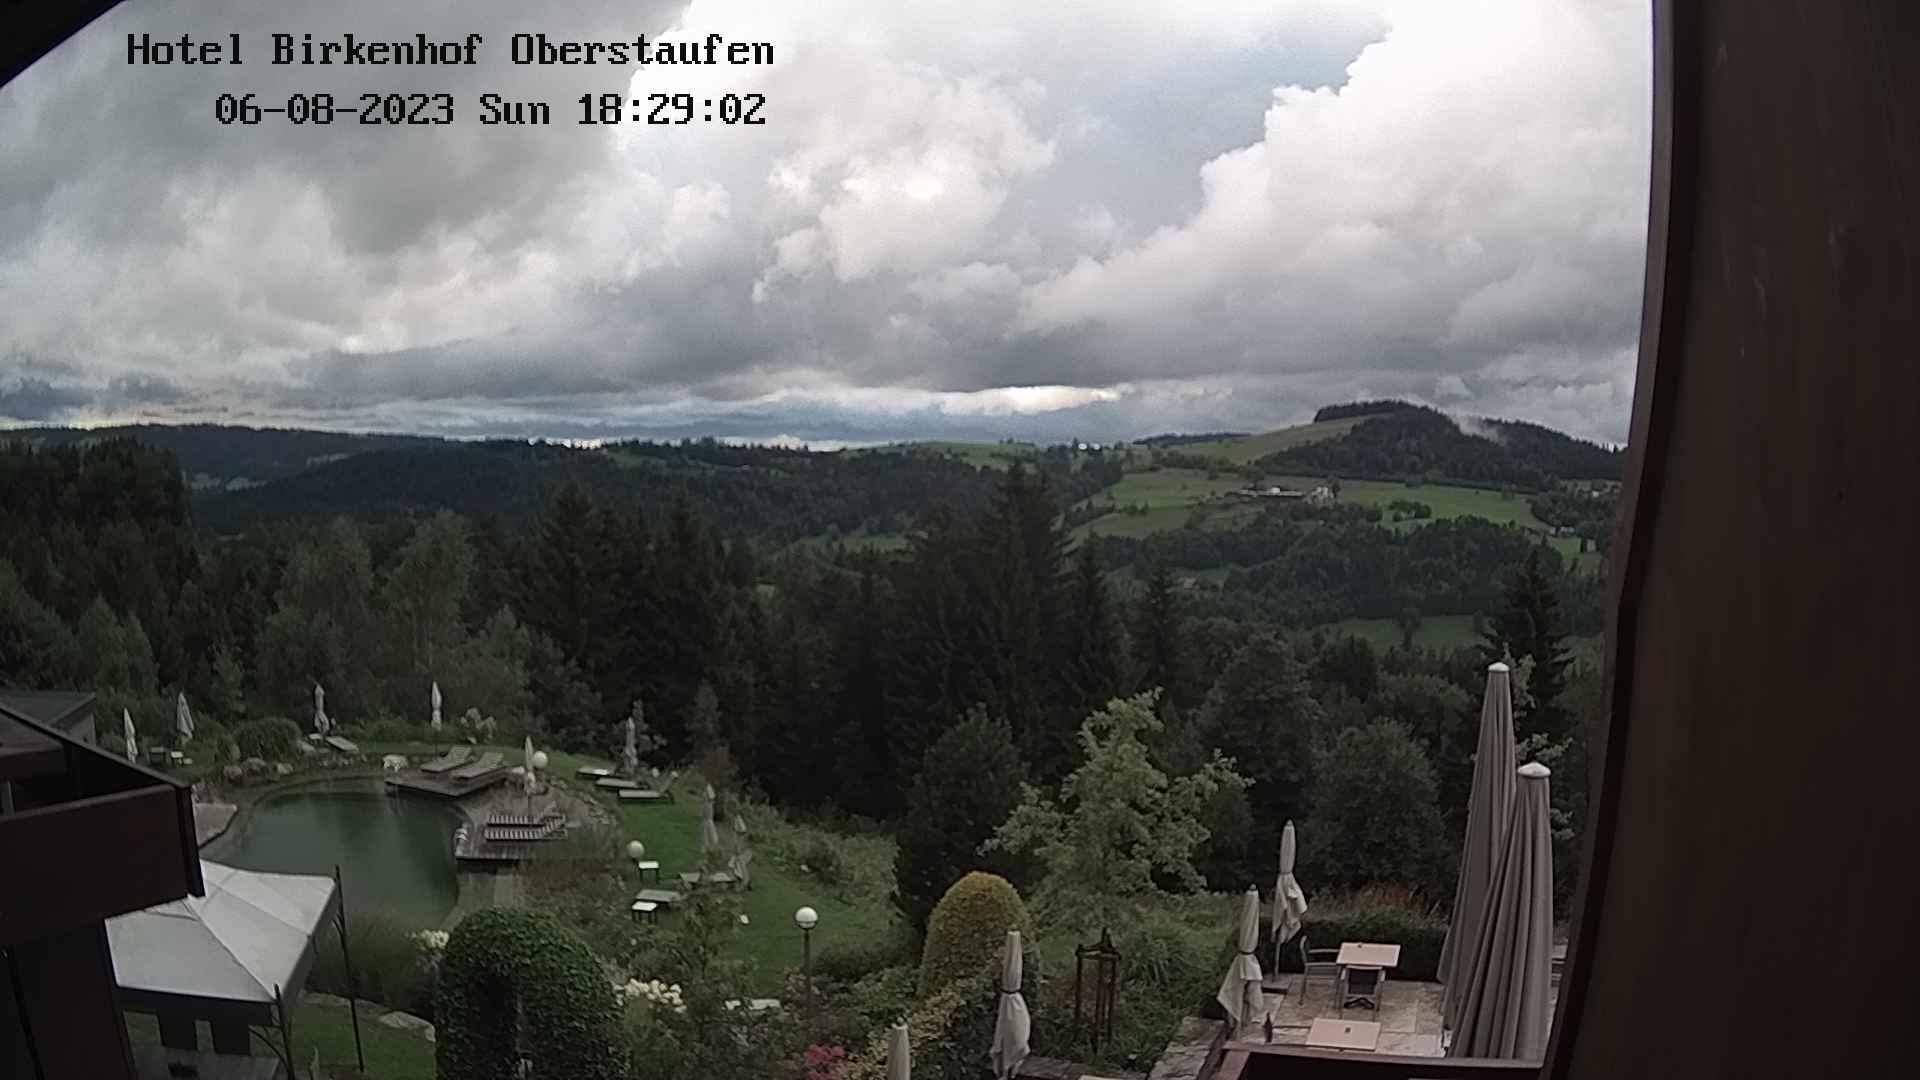 Webcam Hotel Birkenhof